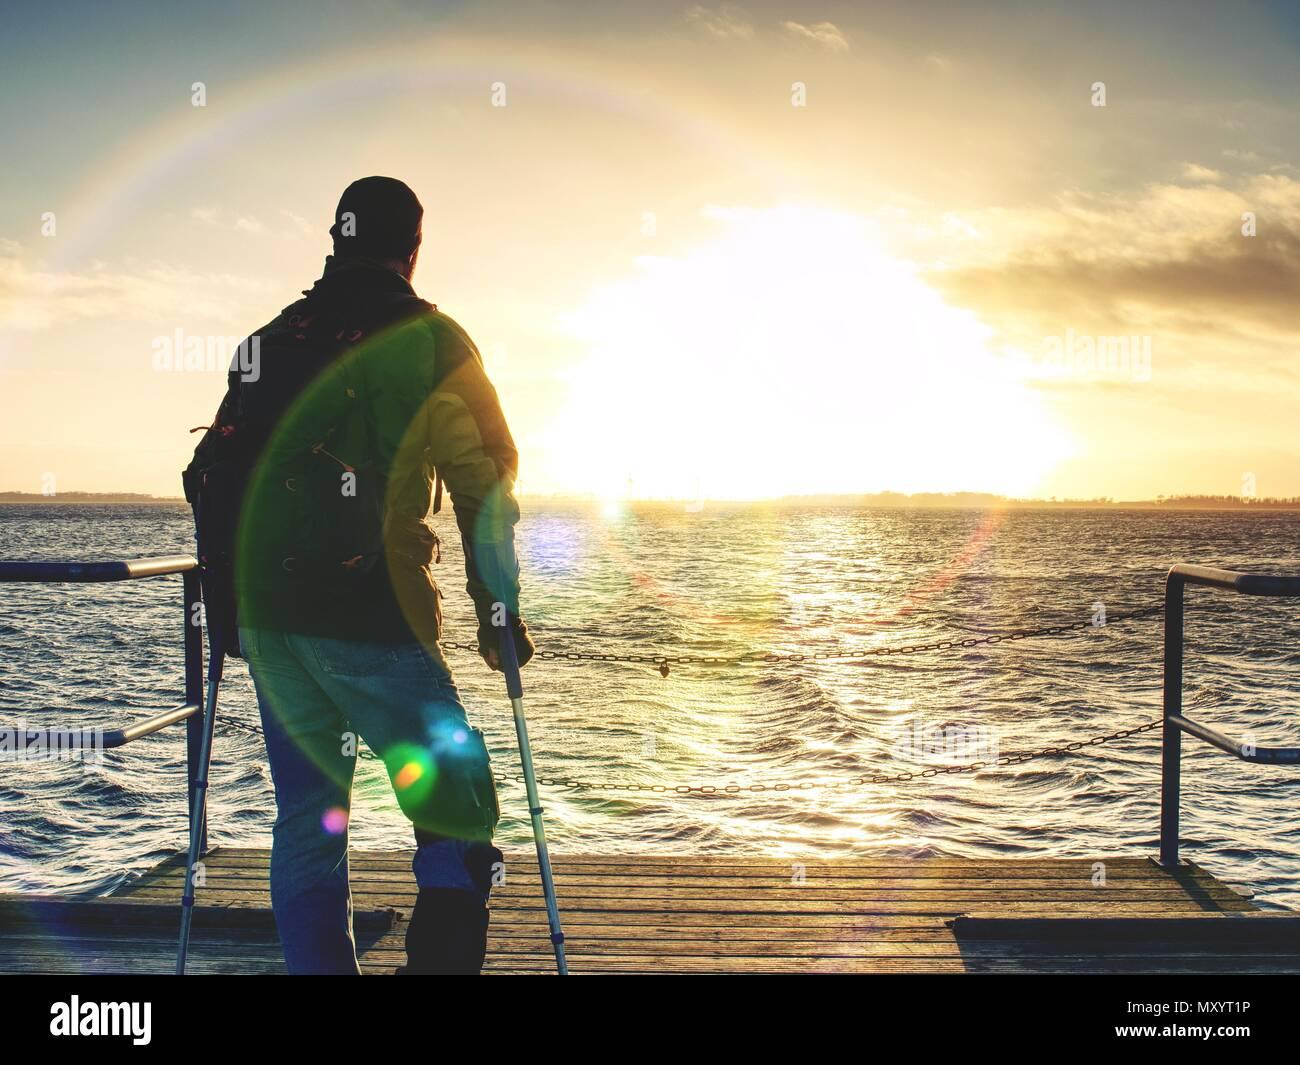 Escursionista con la medicina stampella e gamba fissata in un immobilizzatore a piedi su wharf Pier. L'uomo ha fissato gamba rotta in gesso. Felice l'uomo disabili sulla spiaggia a piedi. Len Immagini Stock